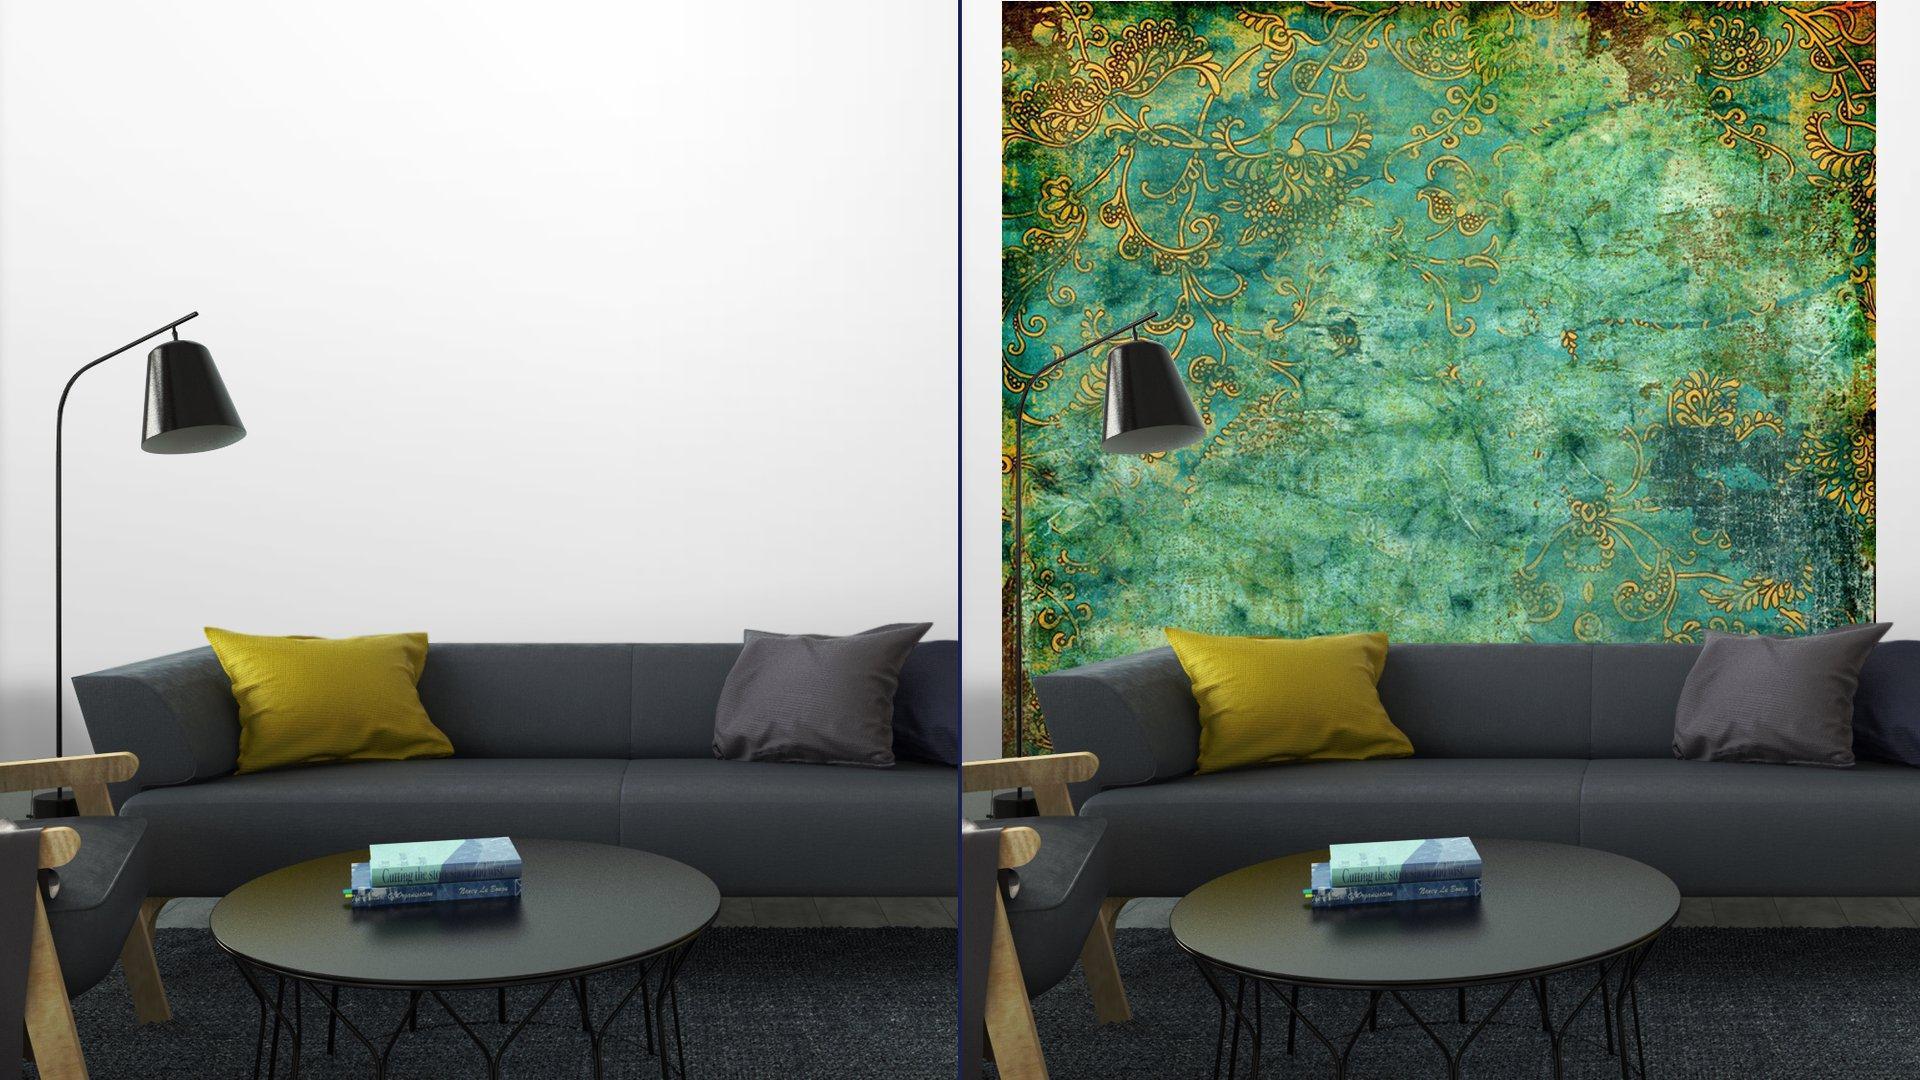 VERDE TEXTURA VENDIMIA OXIDADA7 - Fotomural Tapiz Verde con Textura Oxidada